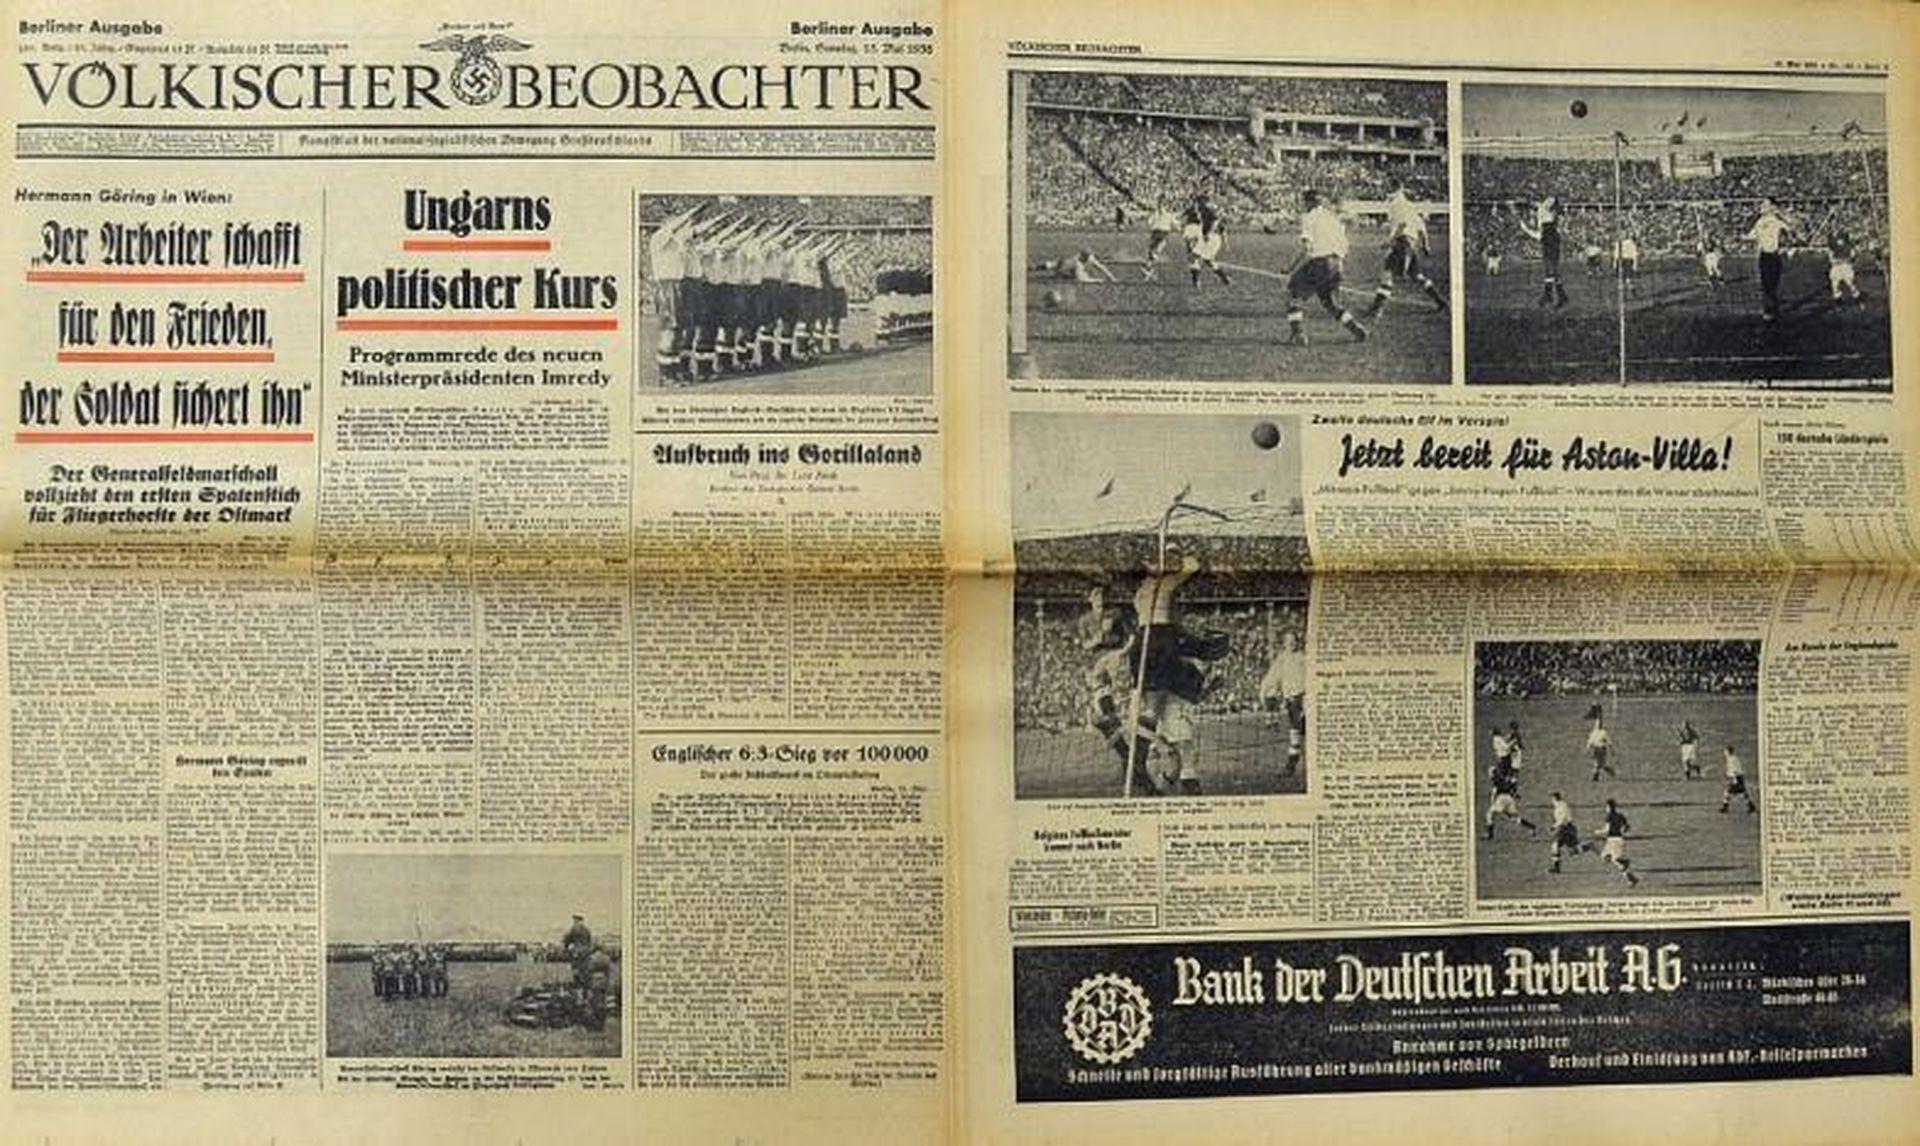 Реакциите в Германия - нашироко е отразен мачът, но водещата снимка е от случилото се преди него...